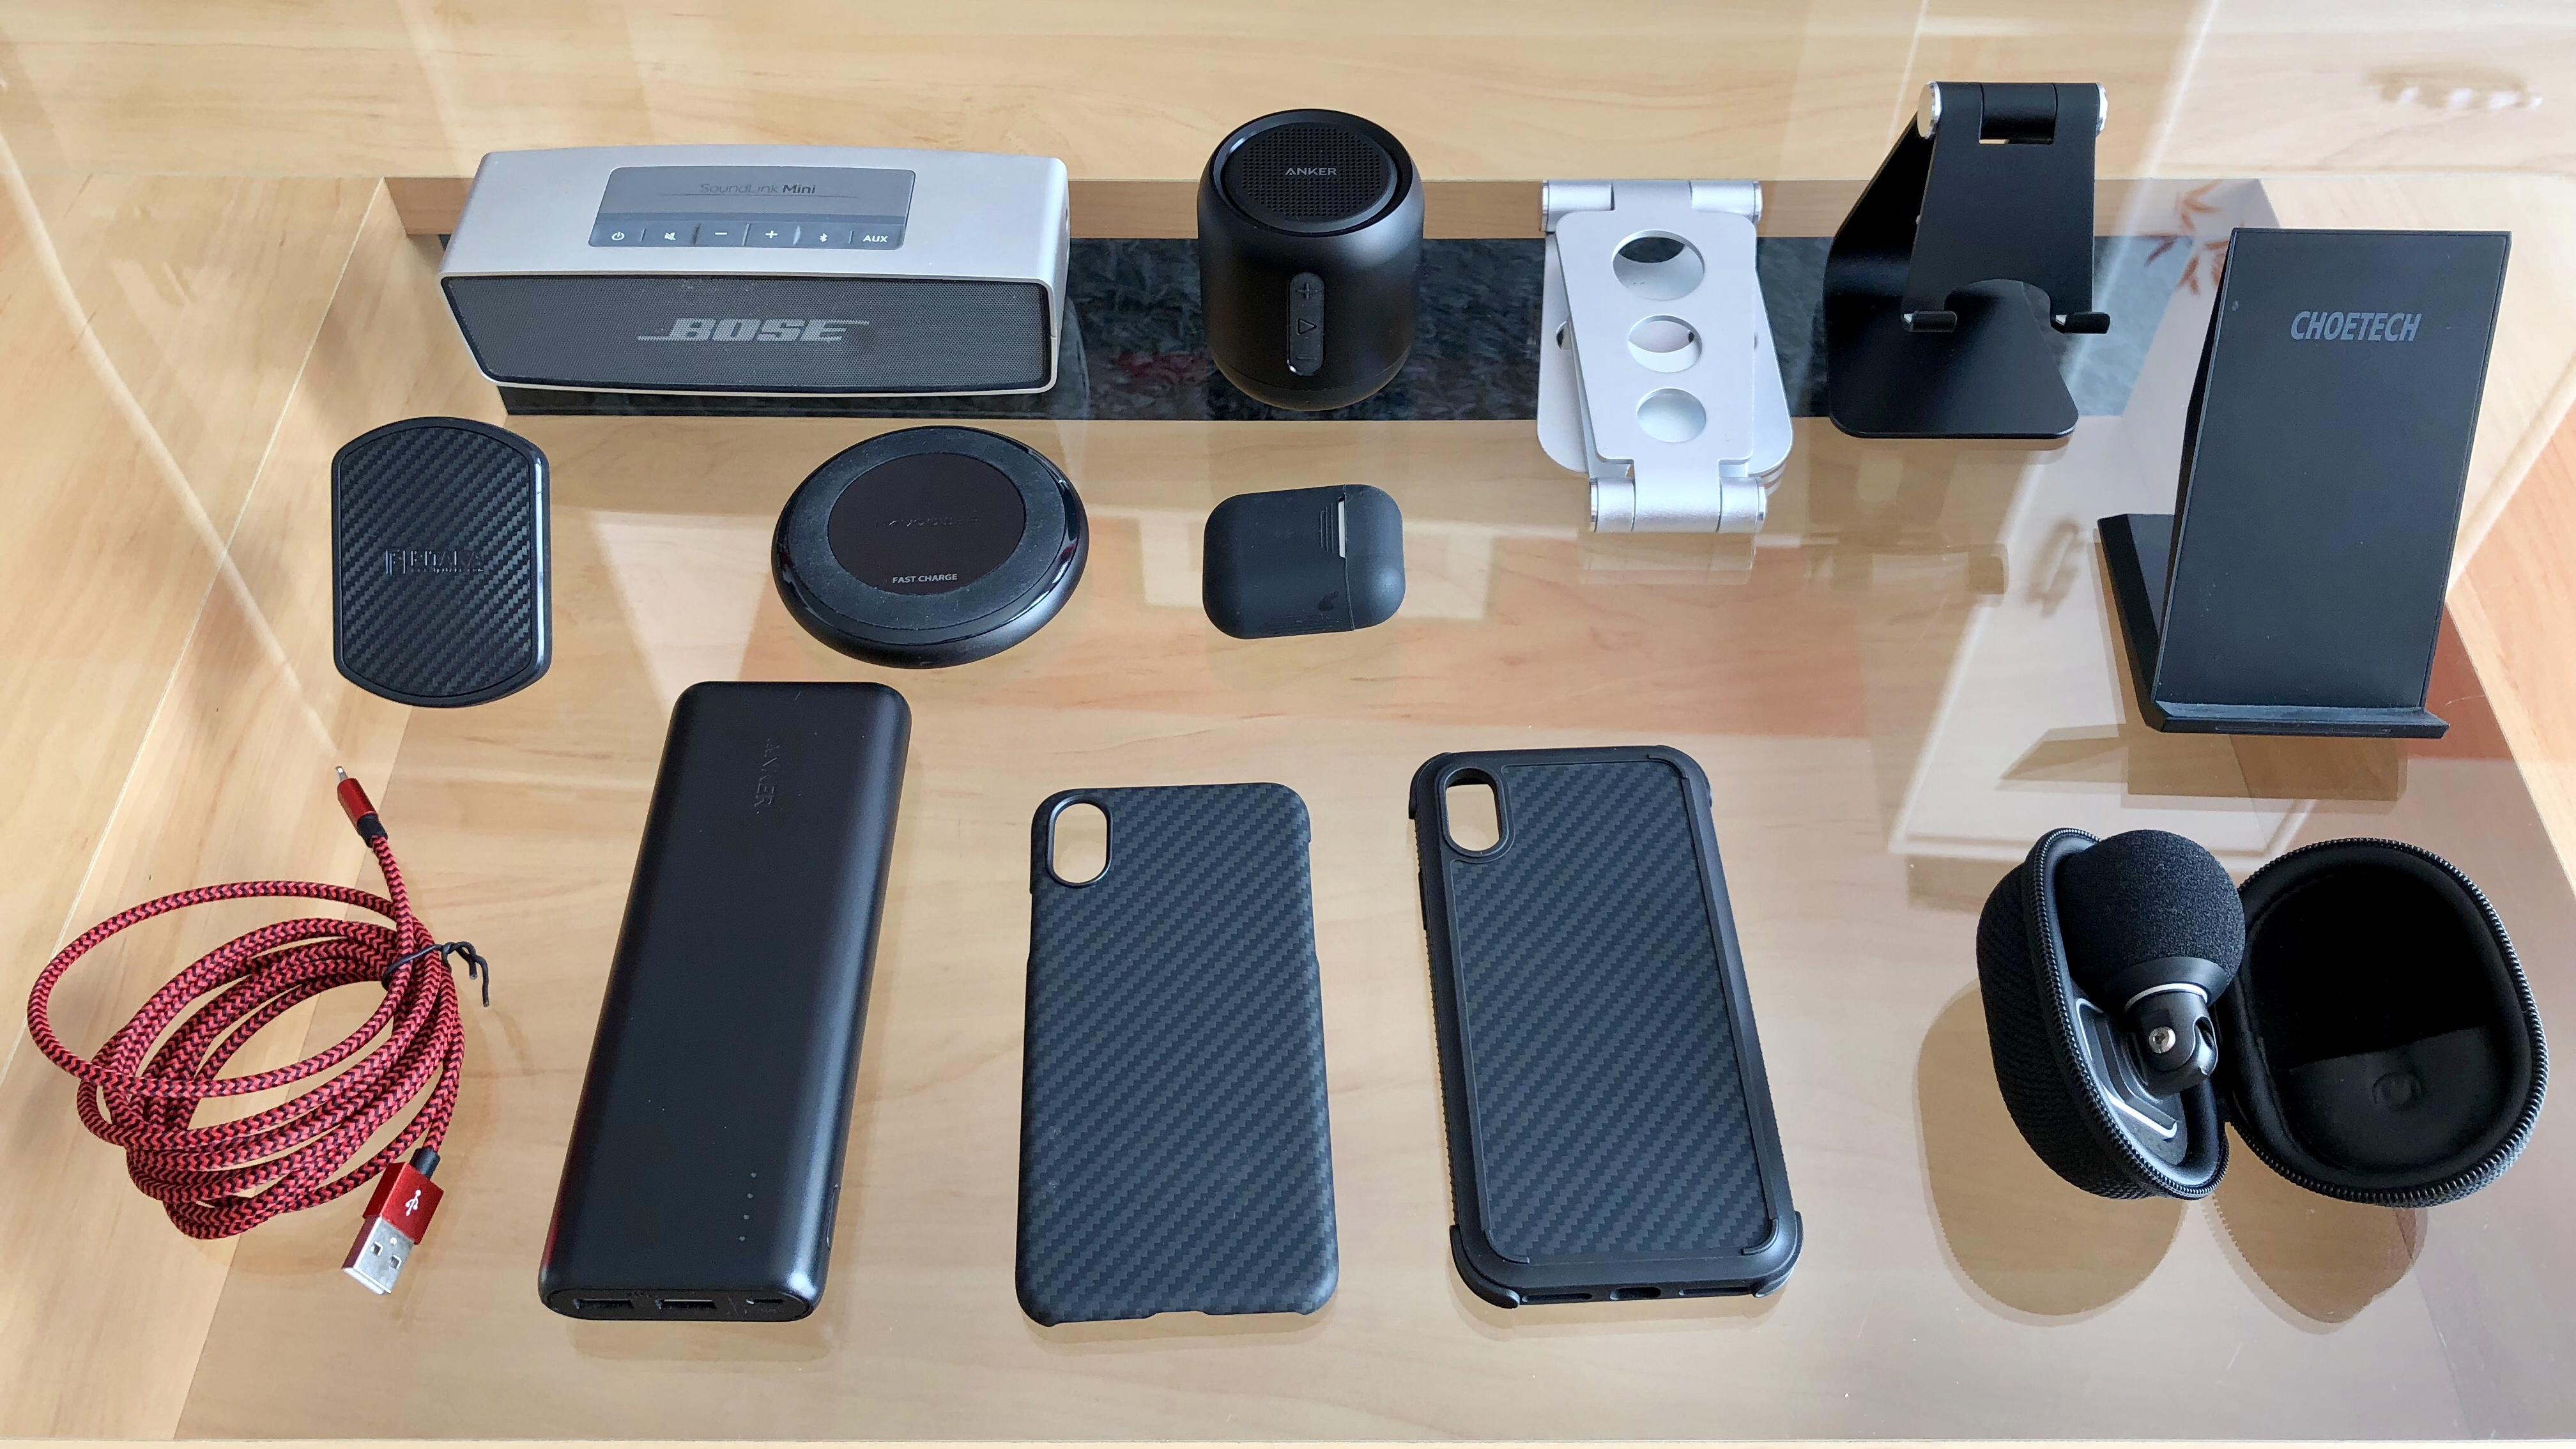 Dossiers et sélections d'accessoires iPhone, iPad, Apple Watch et AirPods iPhon.fr 1